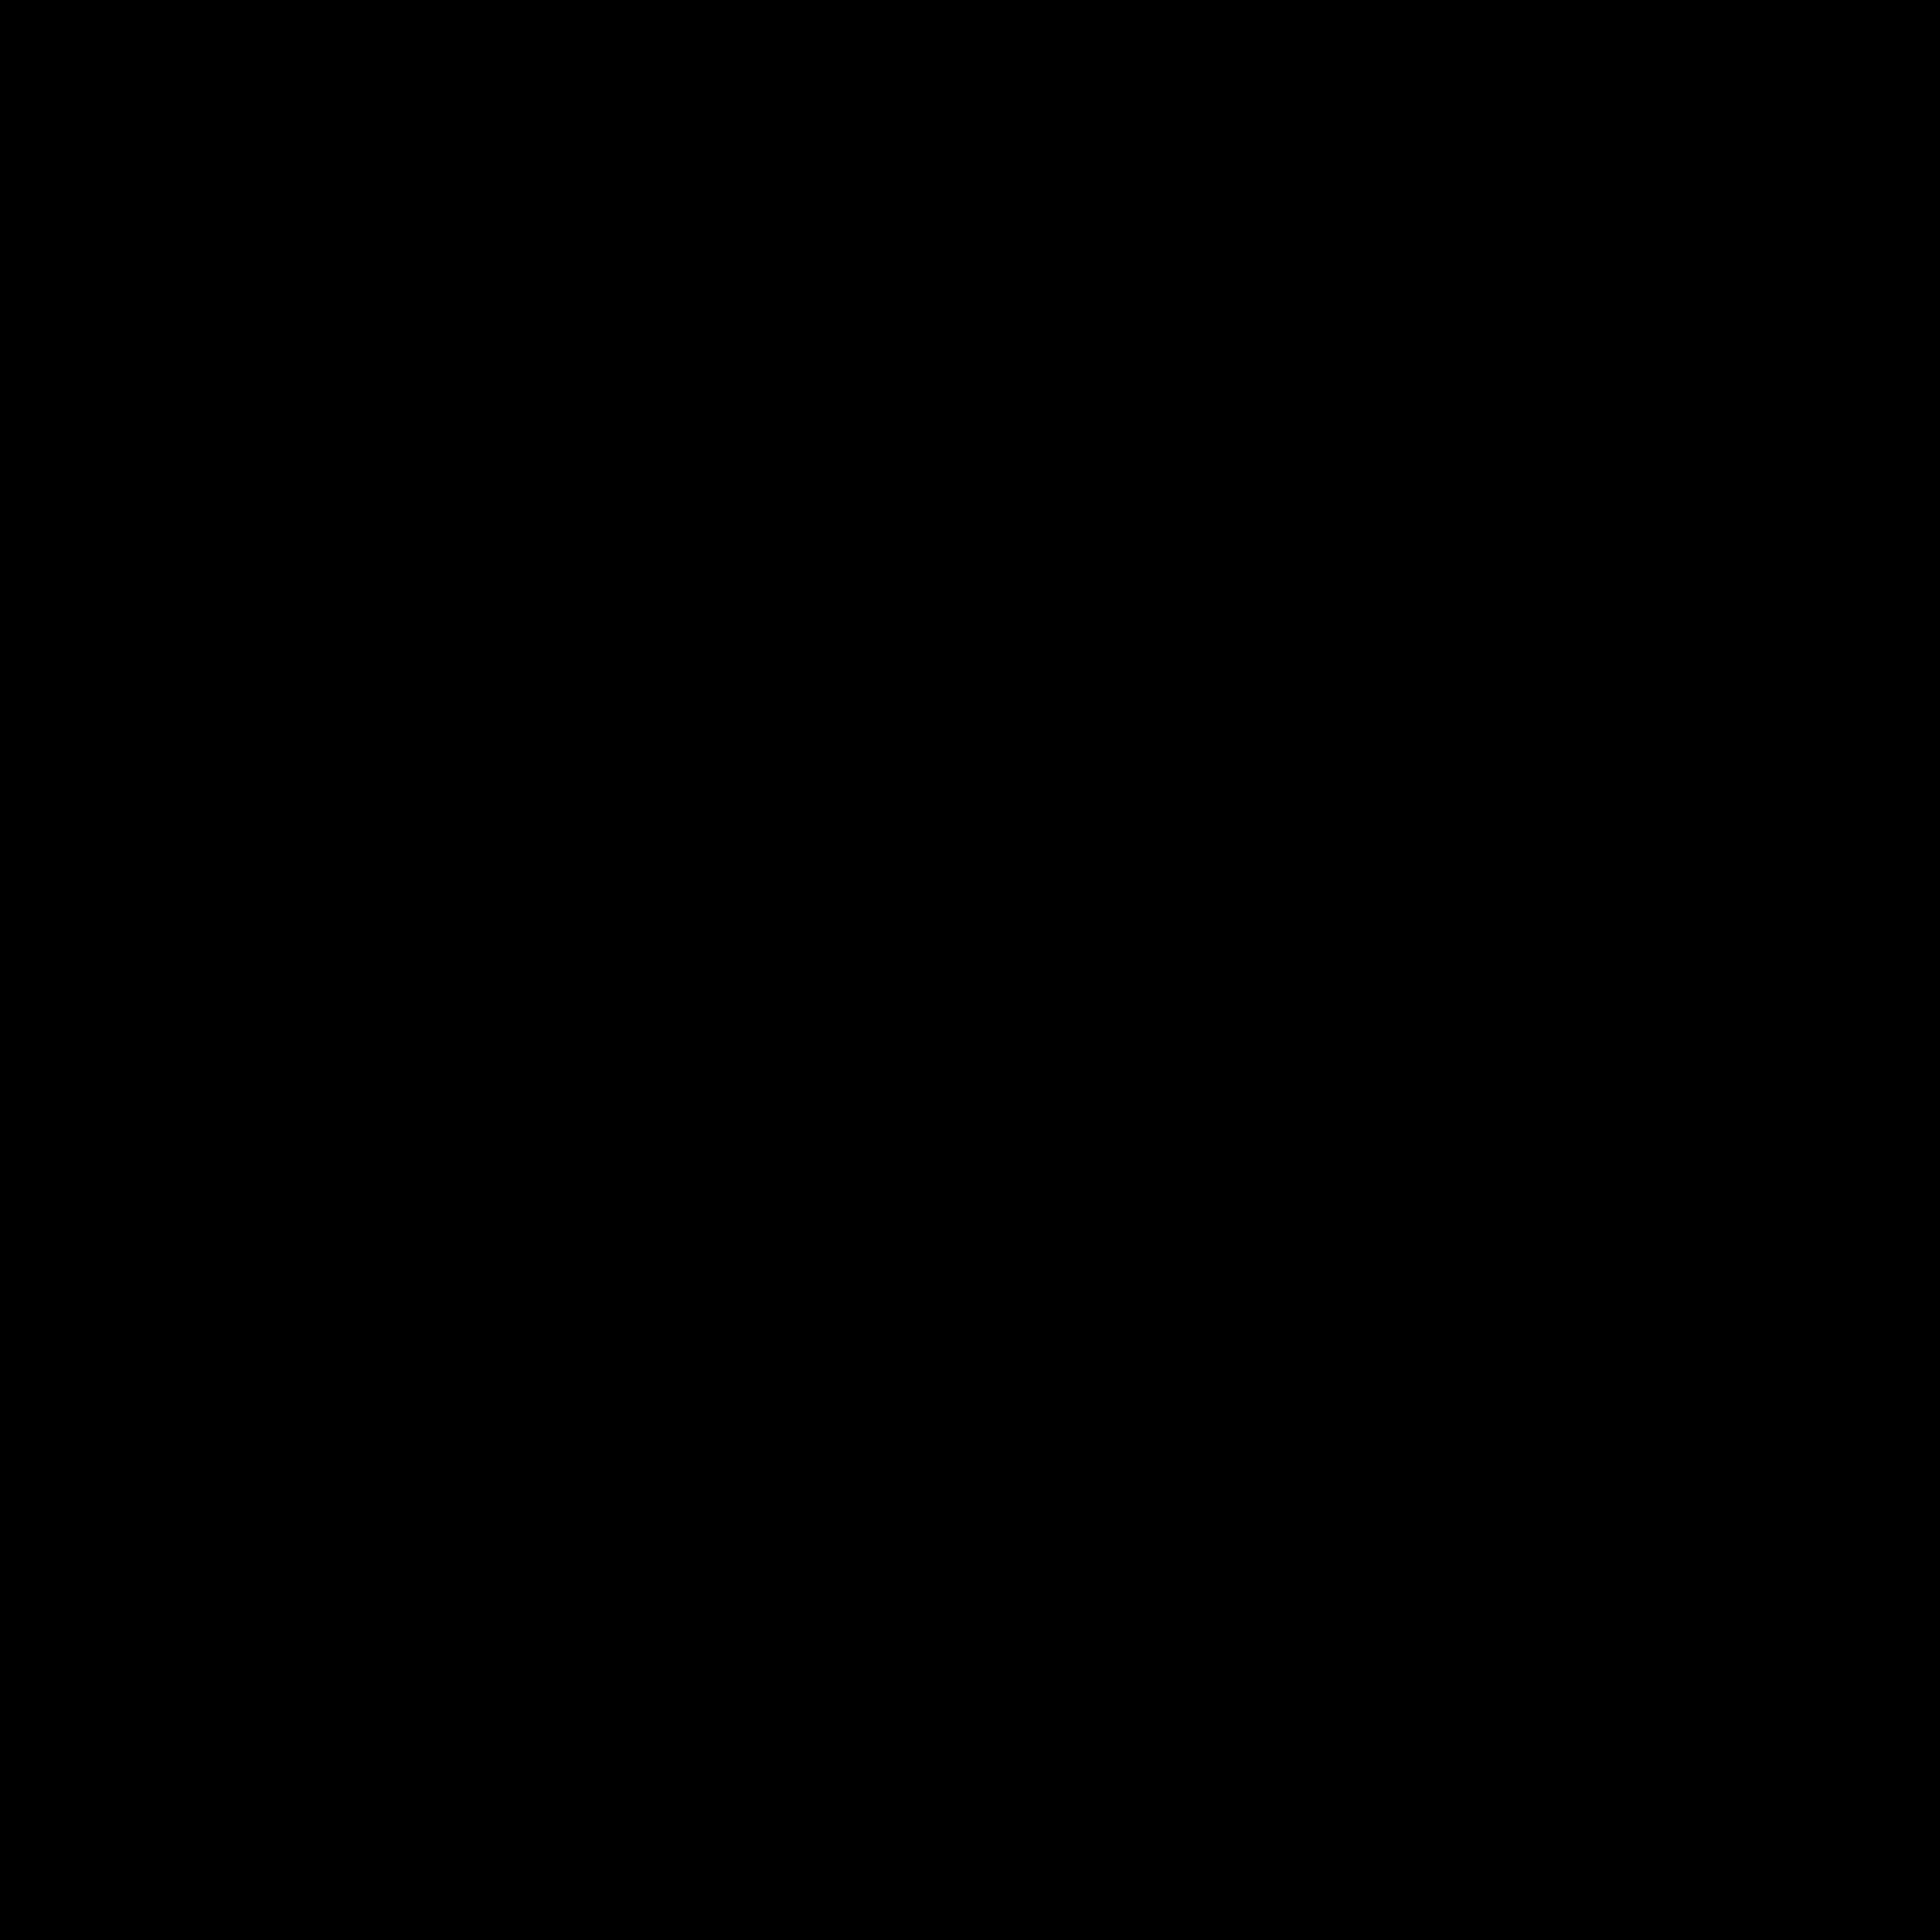 Ebersheim-Shirt von Charles